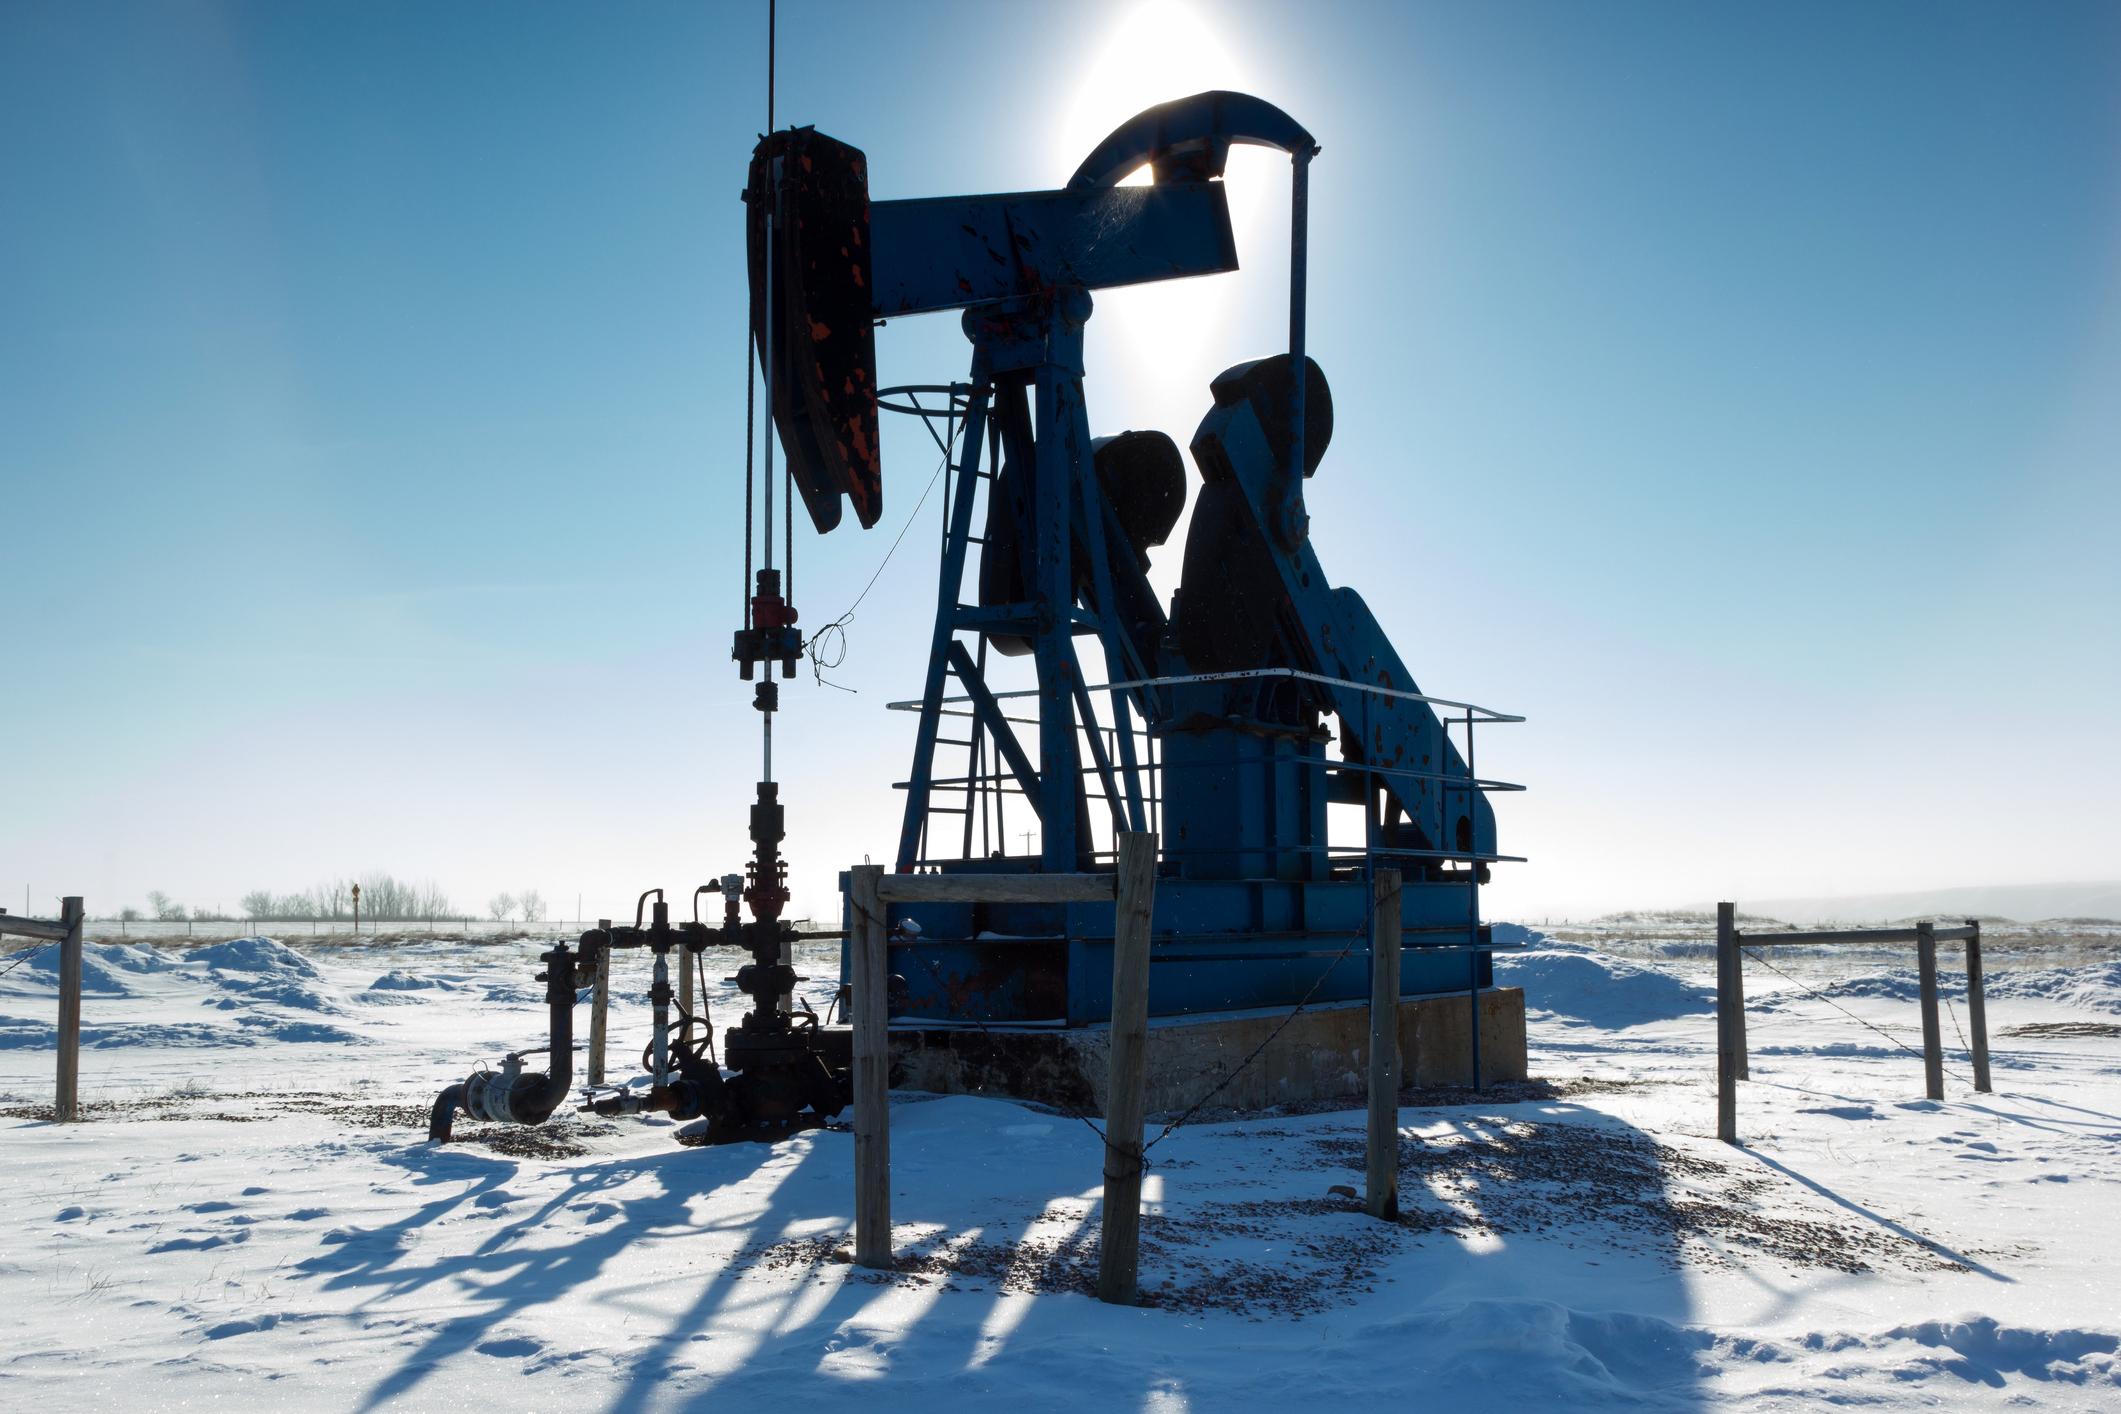 An oil pump in the snow.